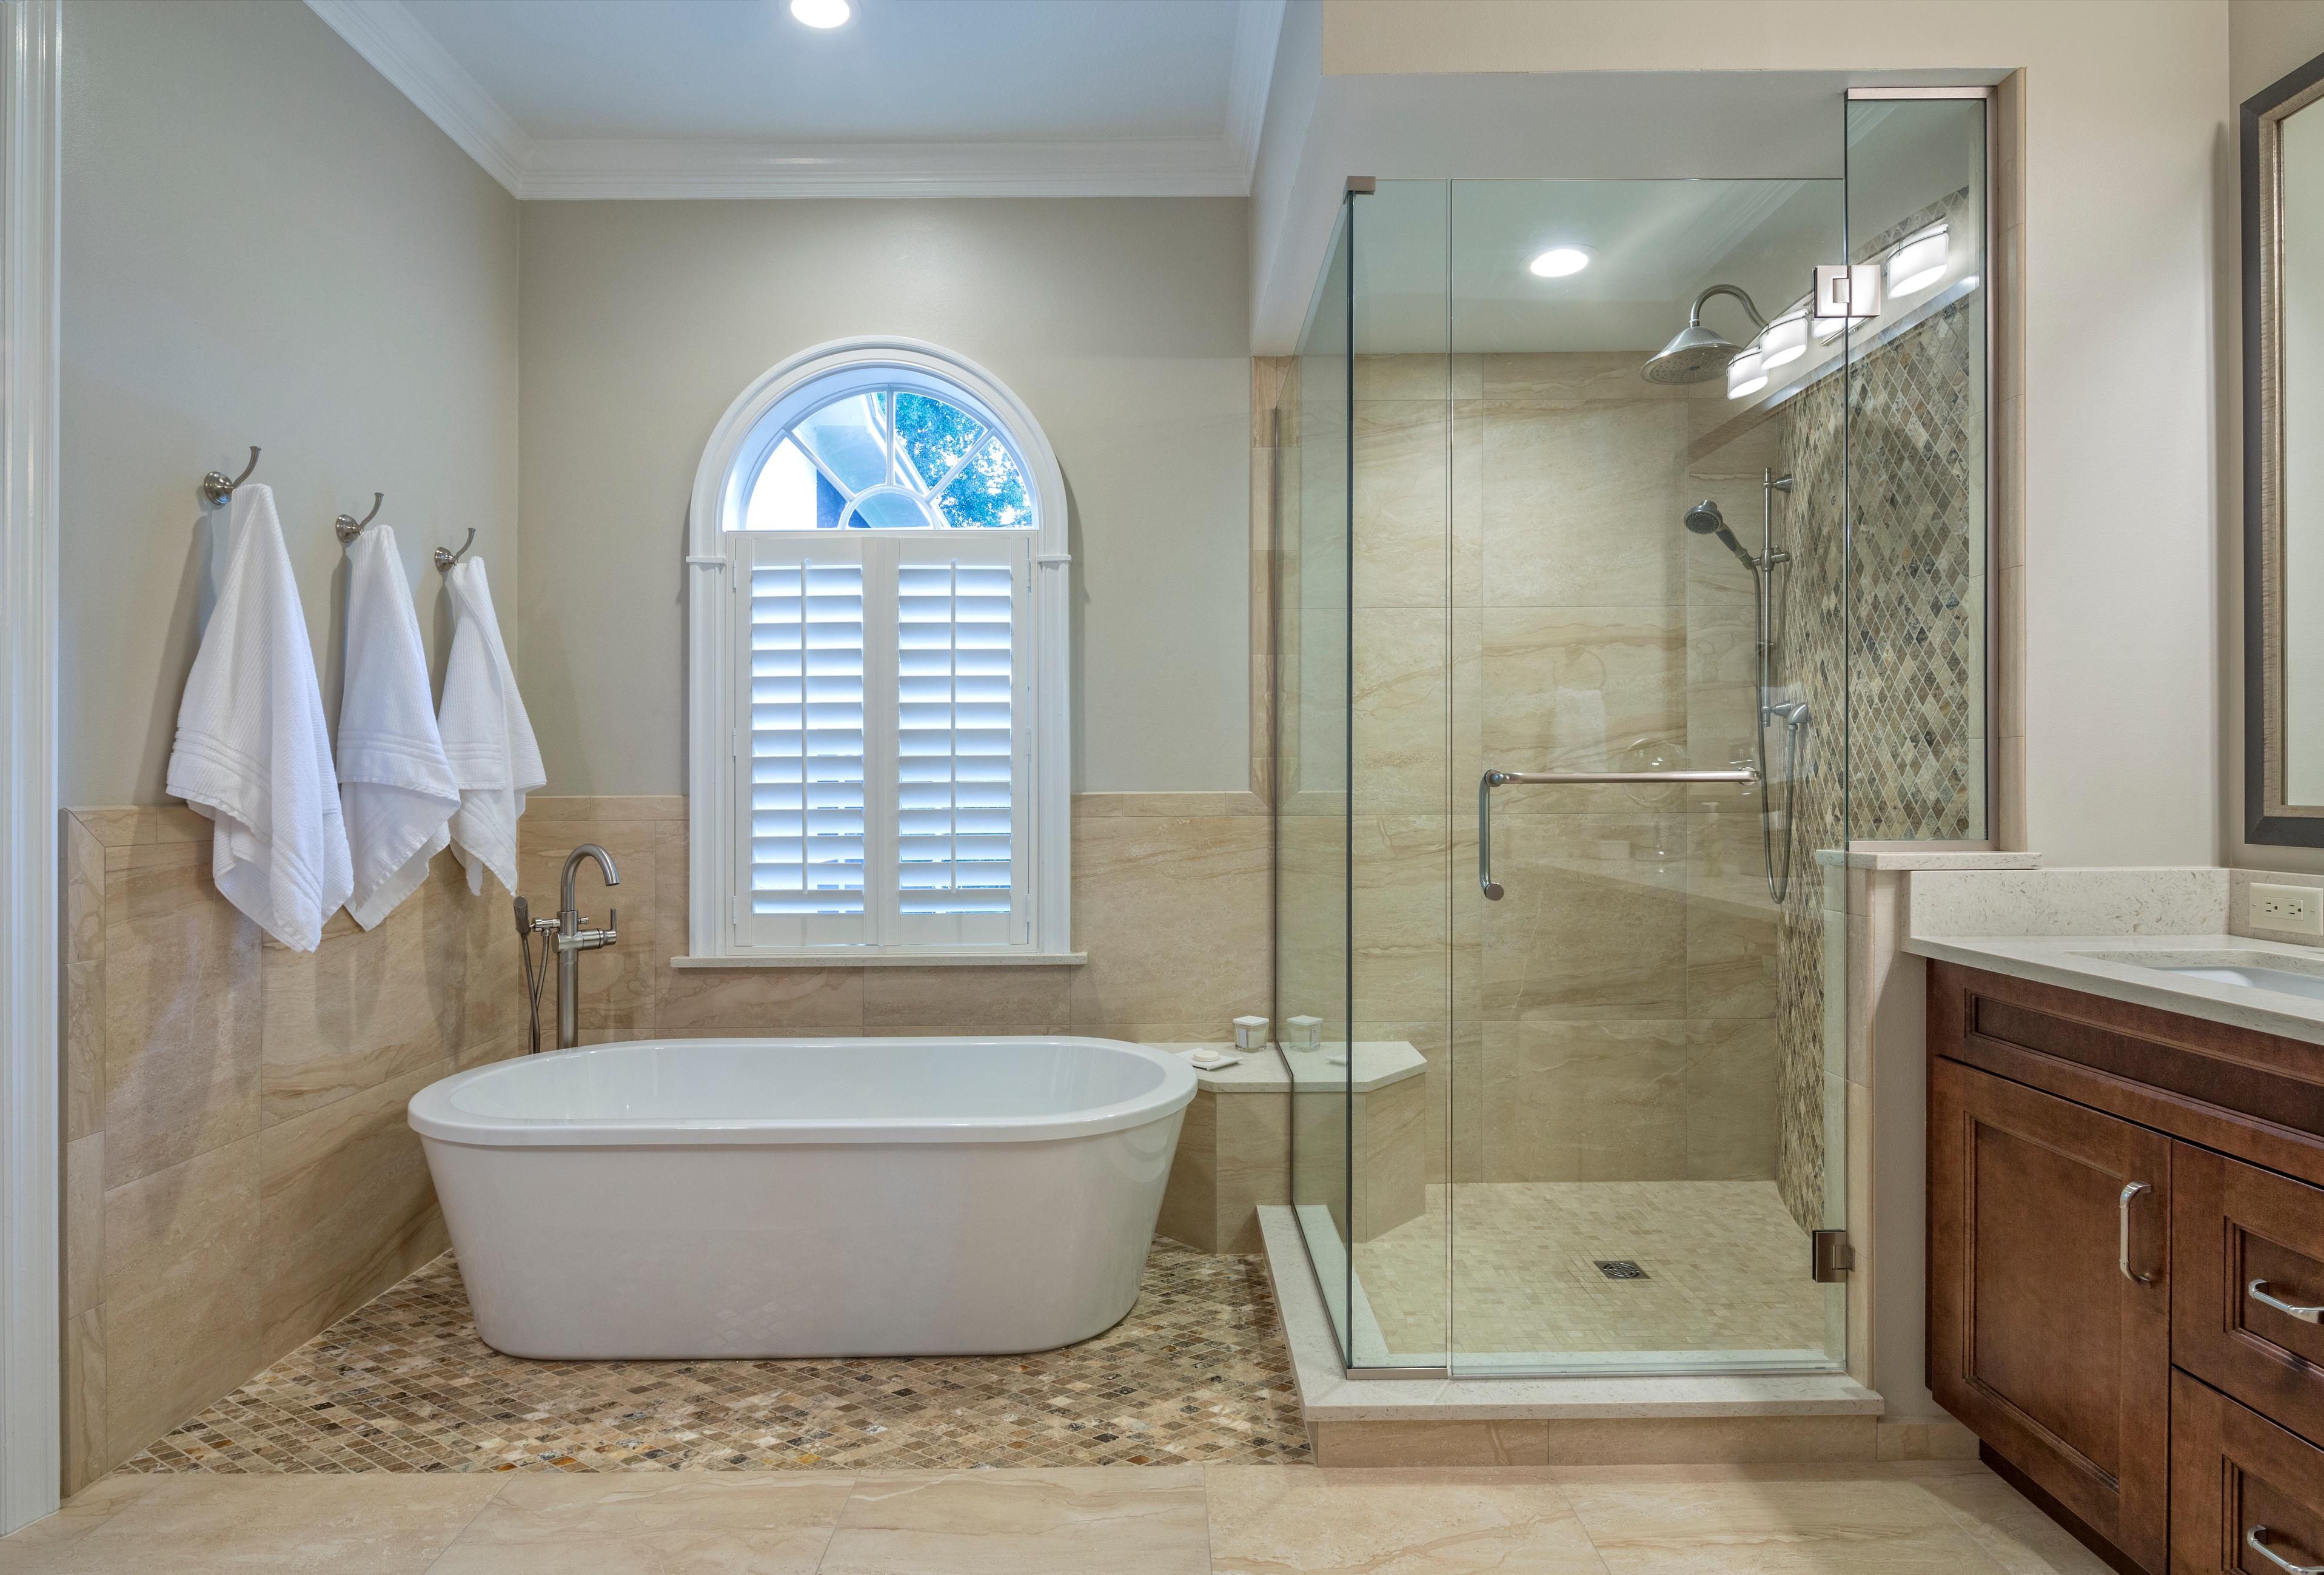 spacious master bath with freestanding white tub